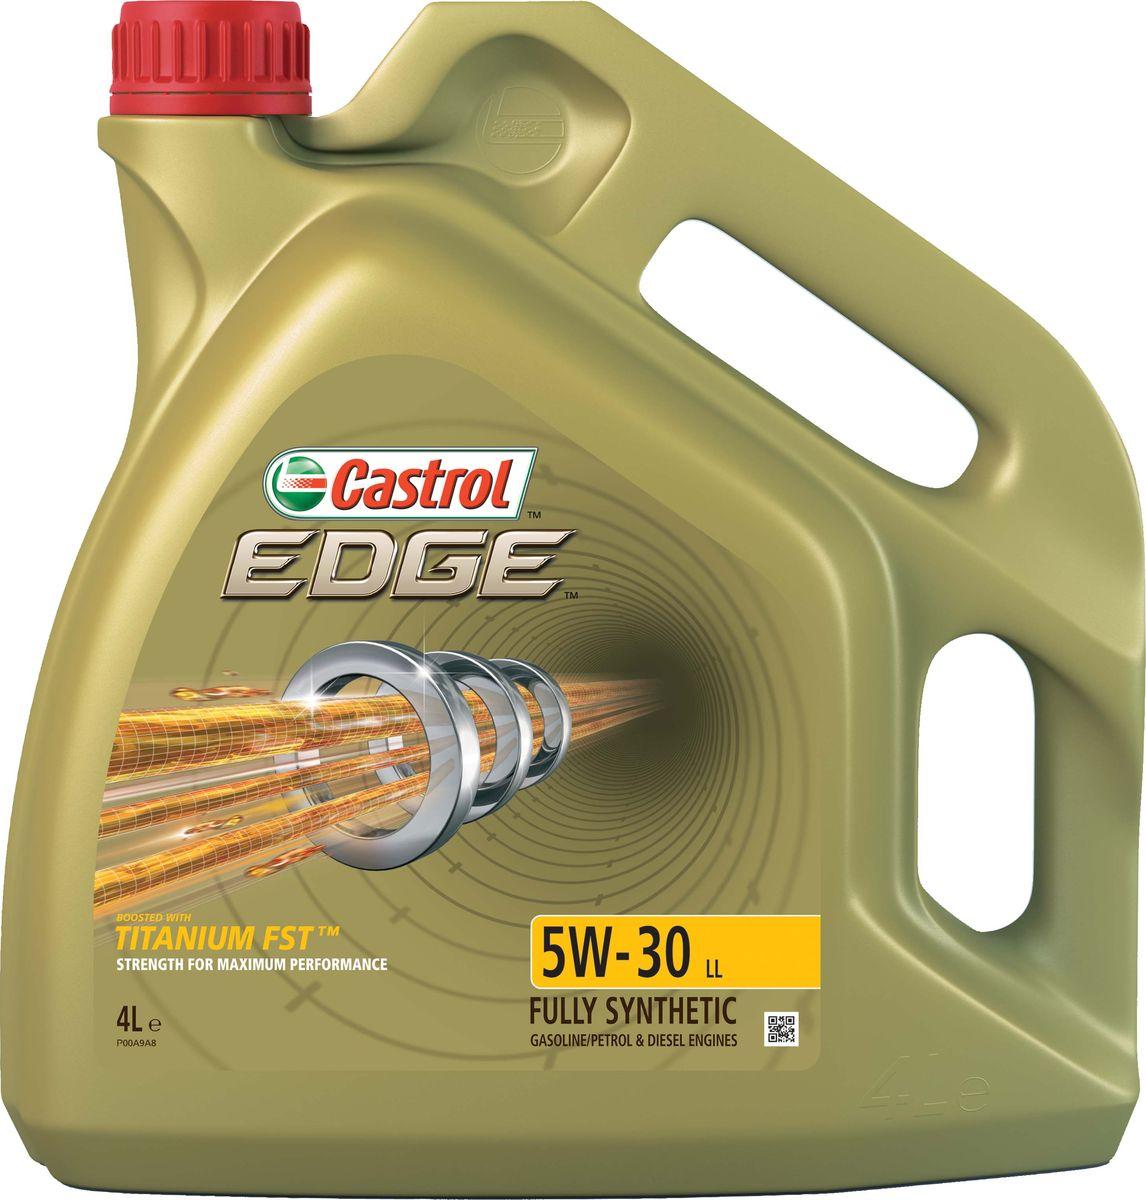 Масло моторное Castrol Edge, синтетическое, класс вязкости 5W-30, LL, 4 л моторное масло castrol edge 5w30 ll 4 л синтетическое